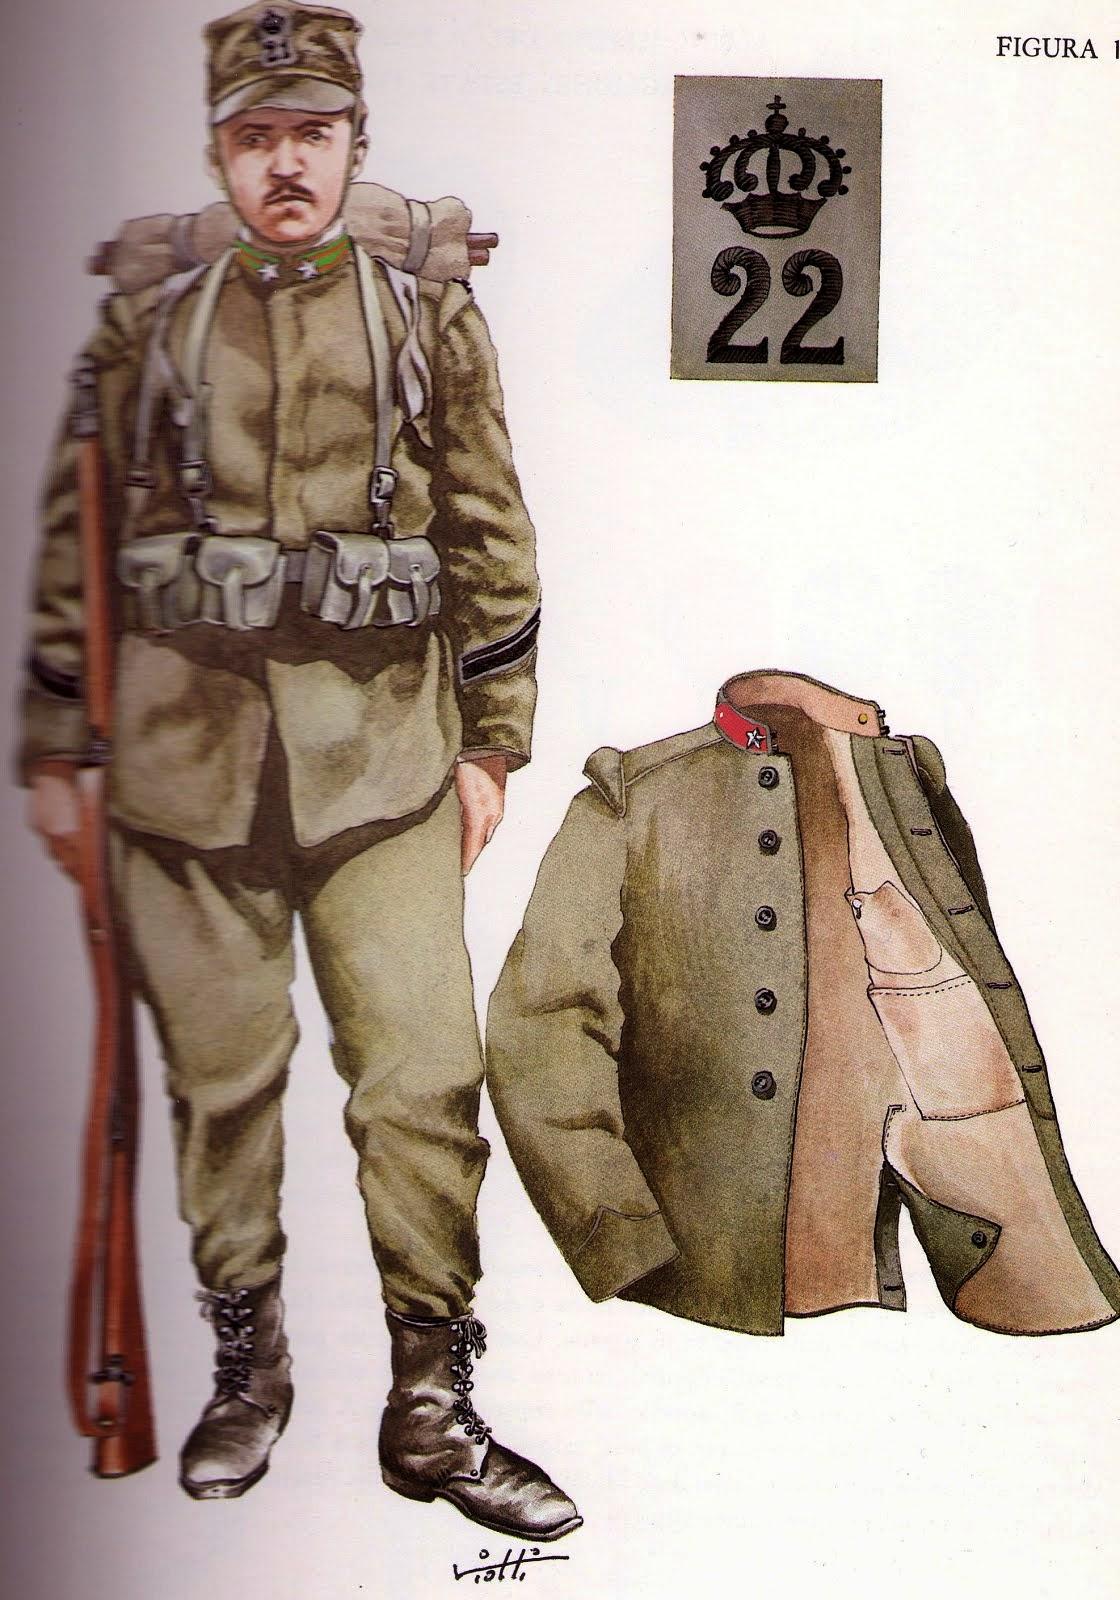 Favorito coltrinaristoriamilitare: La 162a Divisione Fanteria Turkoman in  KB18